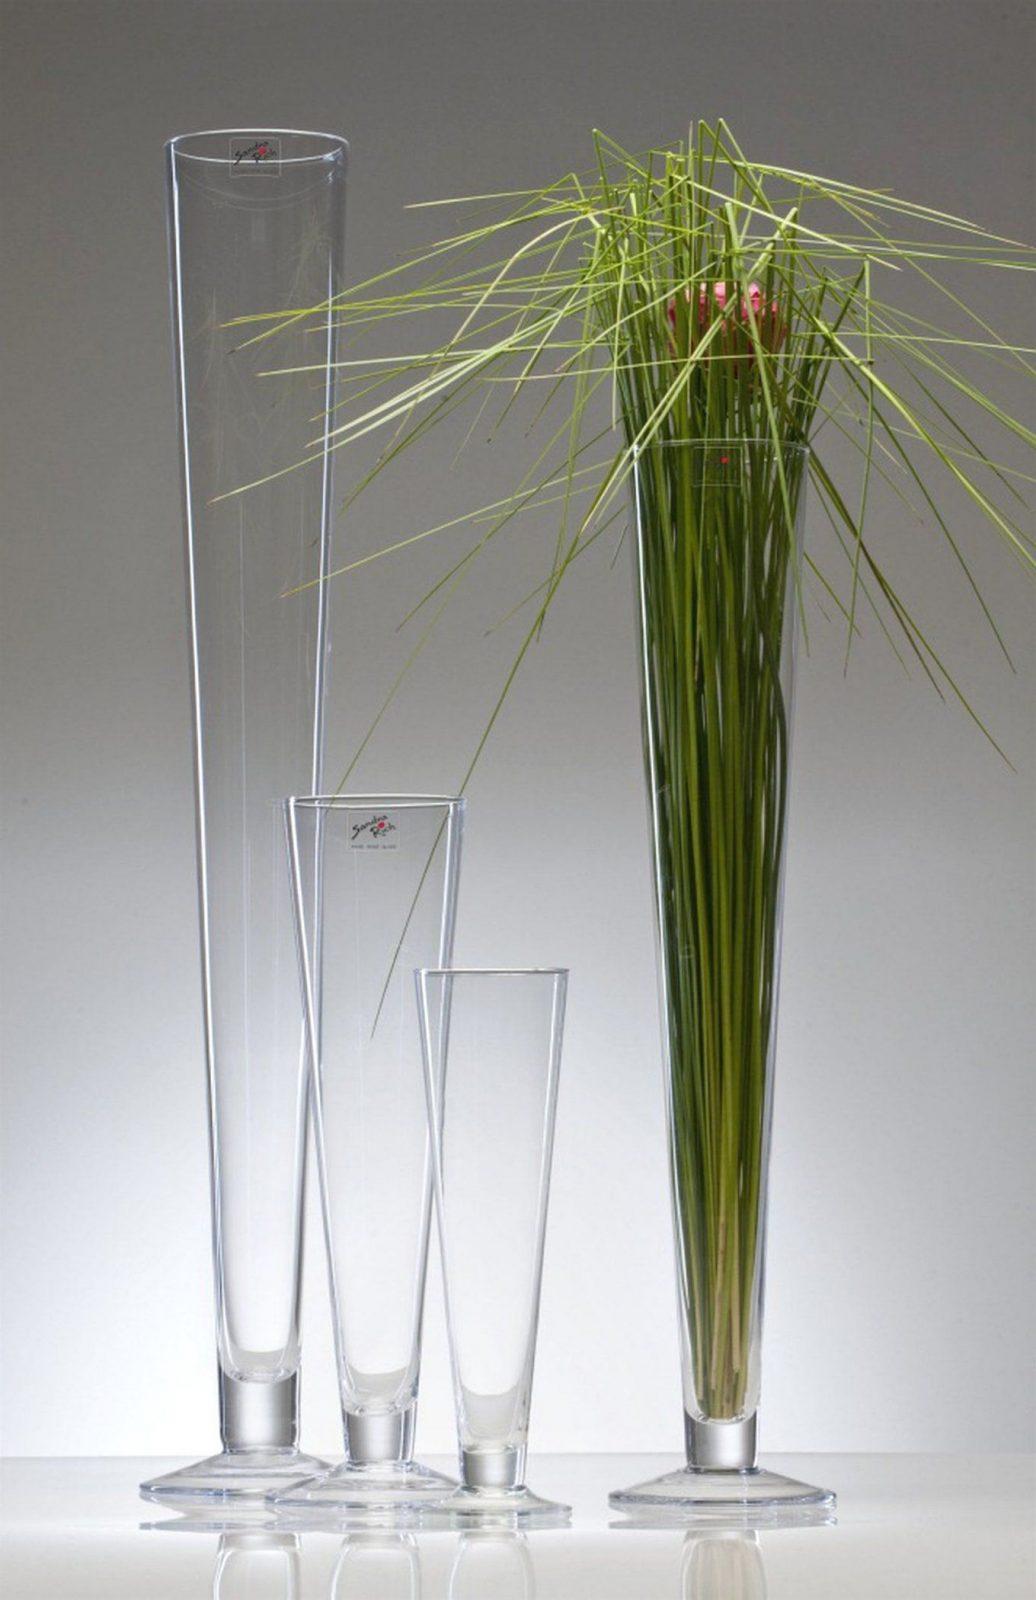 Hohe Glasvase Dekorieren Ideen Mit Für Grosse Bodenvasen von Hohe Glasvase Dekorieren Ideen Photo